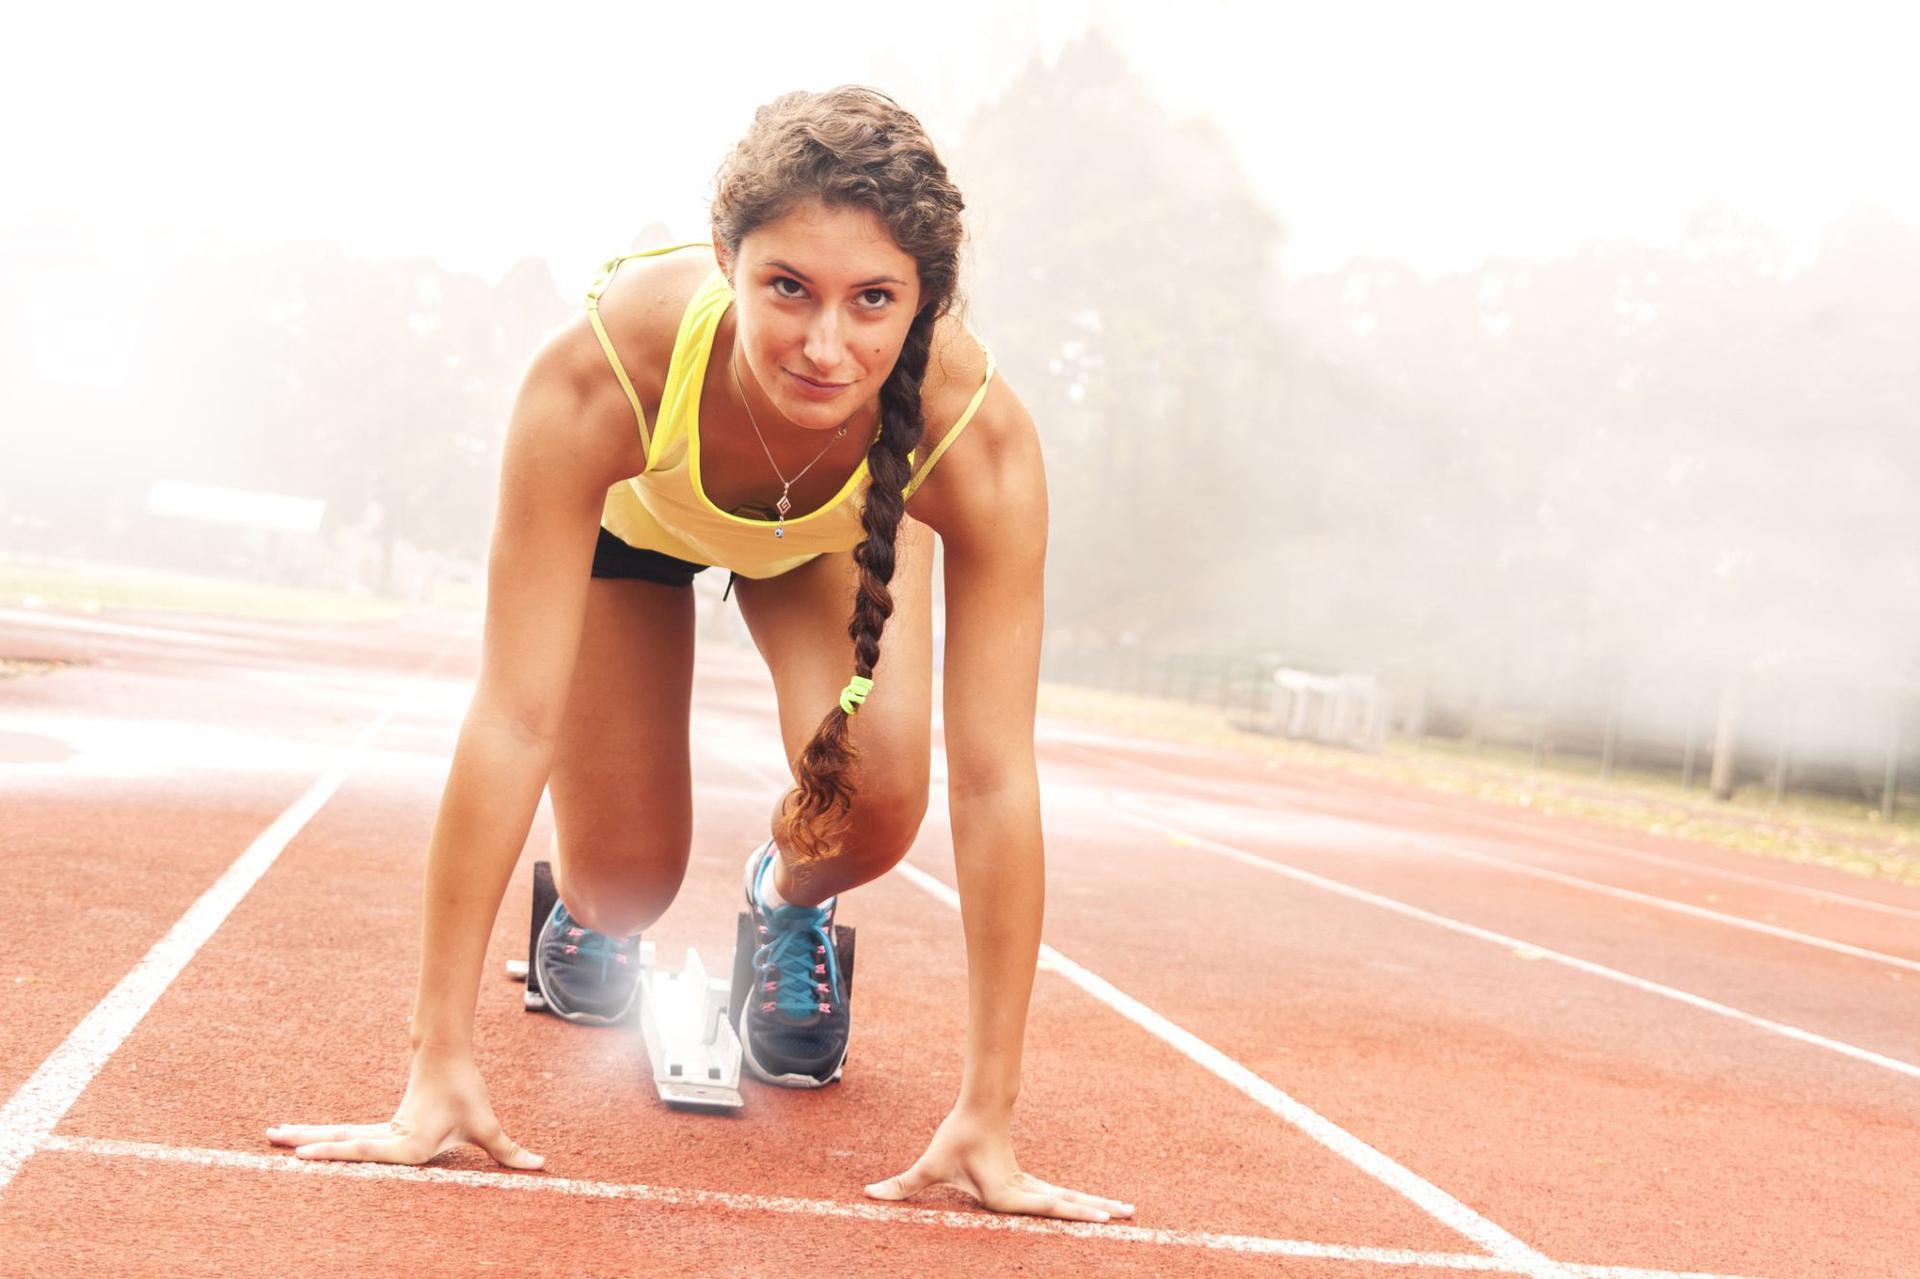 a138ea8a Jak zacząć biegać? Bieganie dla początkujących w 5 krokach - WFormie24.pl